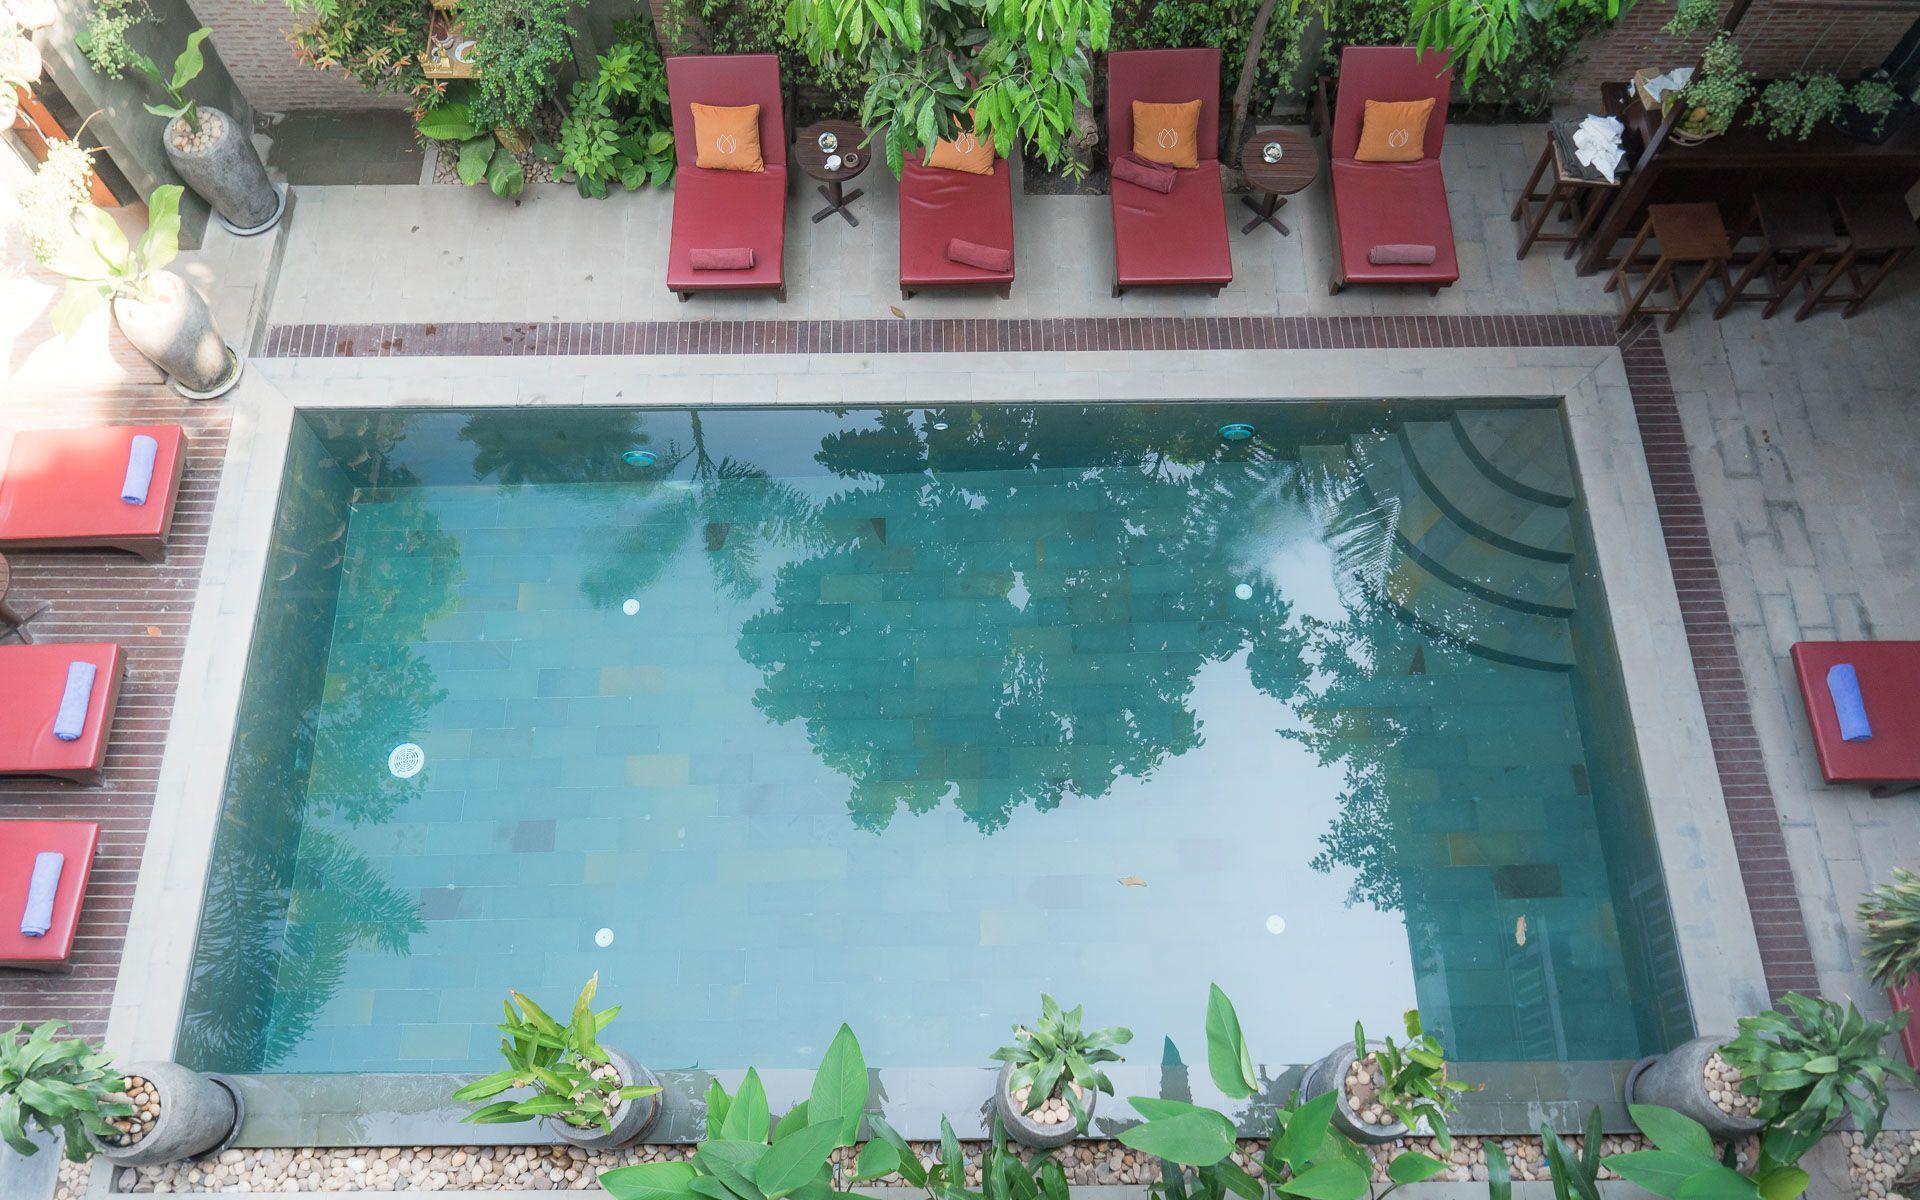 Lesvoyageuses-guide-voyage-siem-reap-angkor-cambodge-won-residence-5